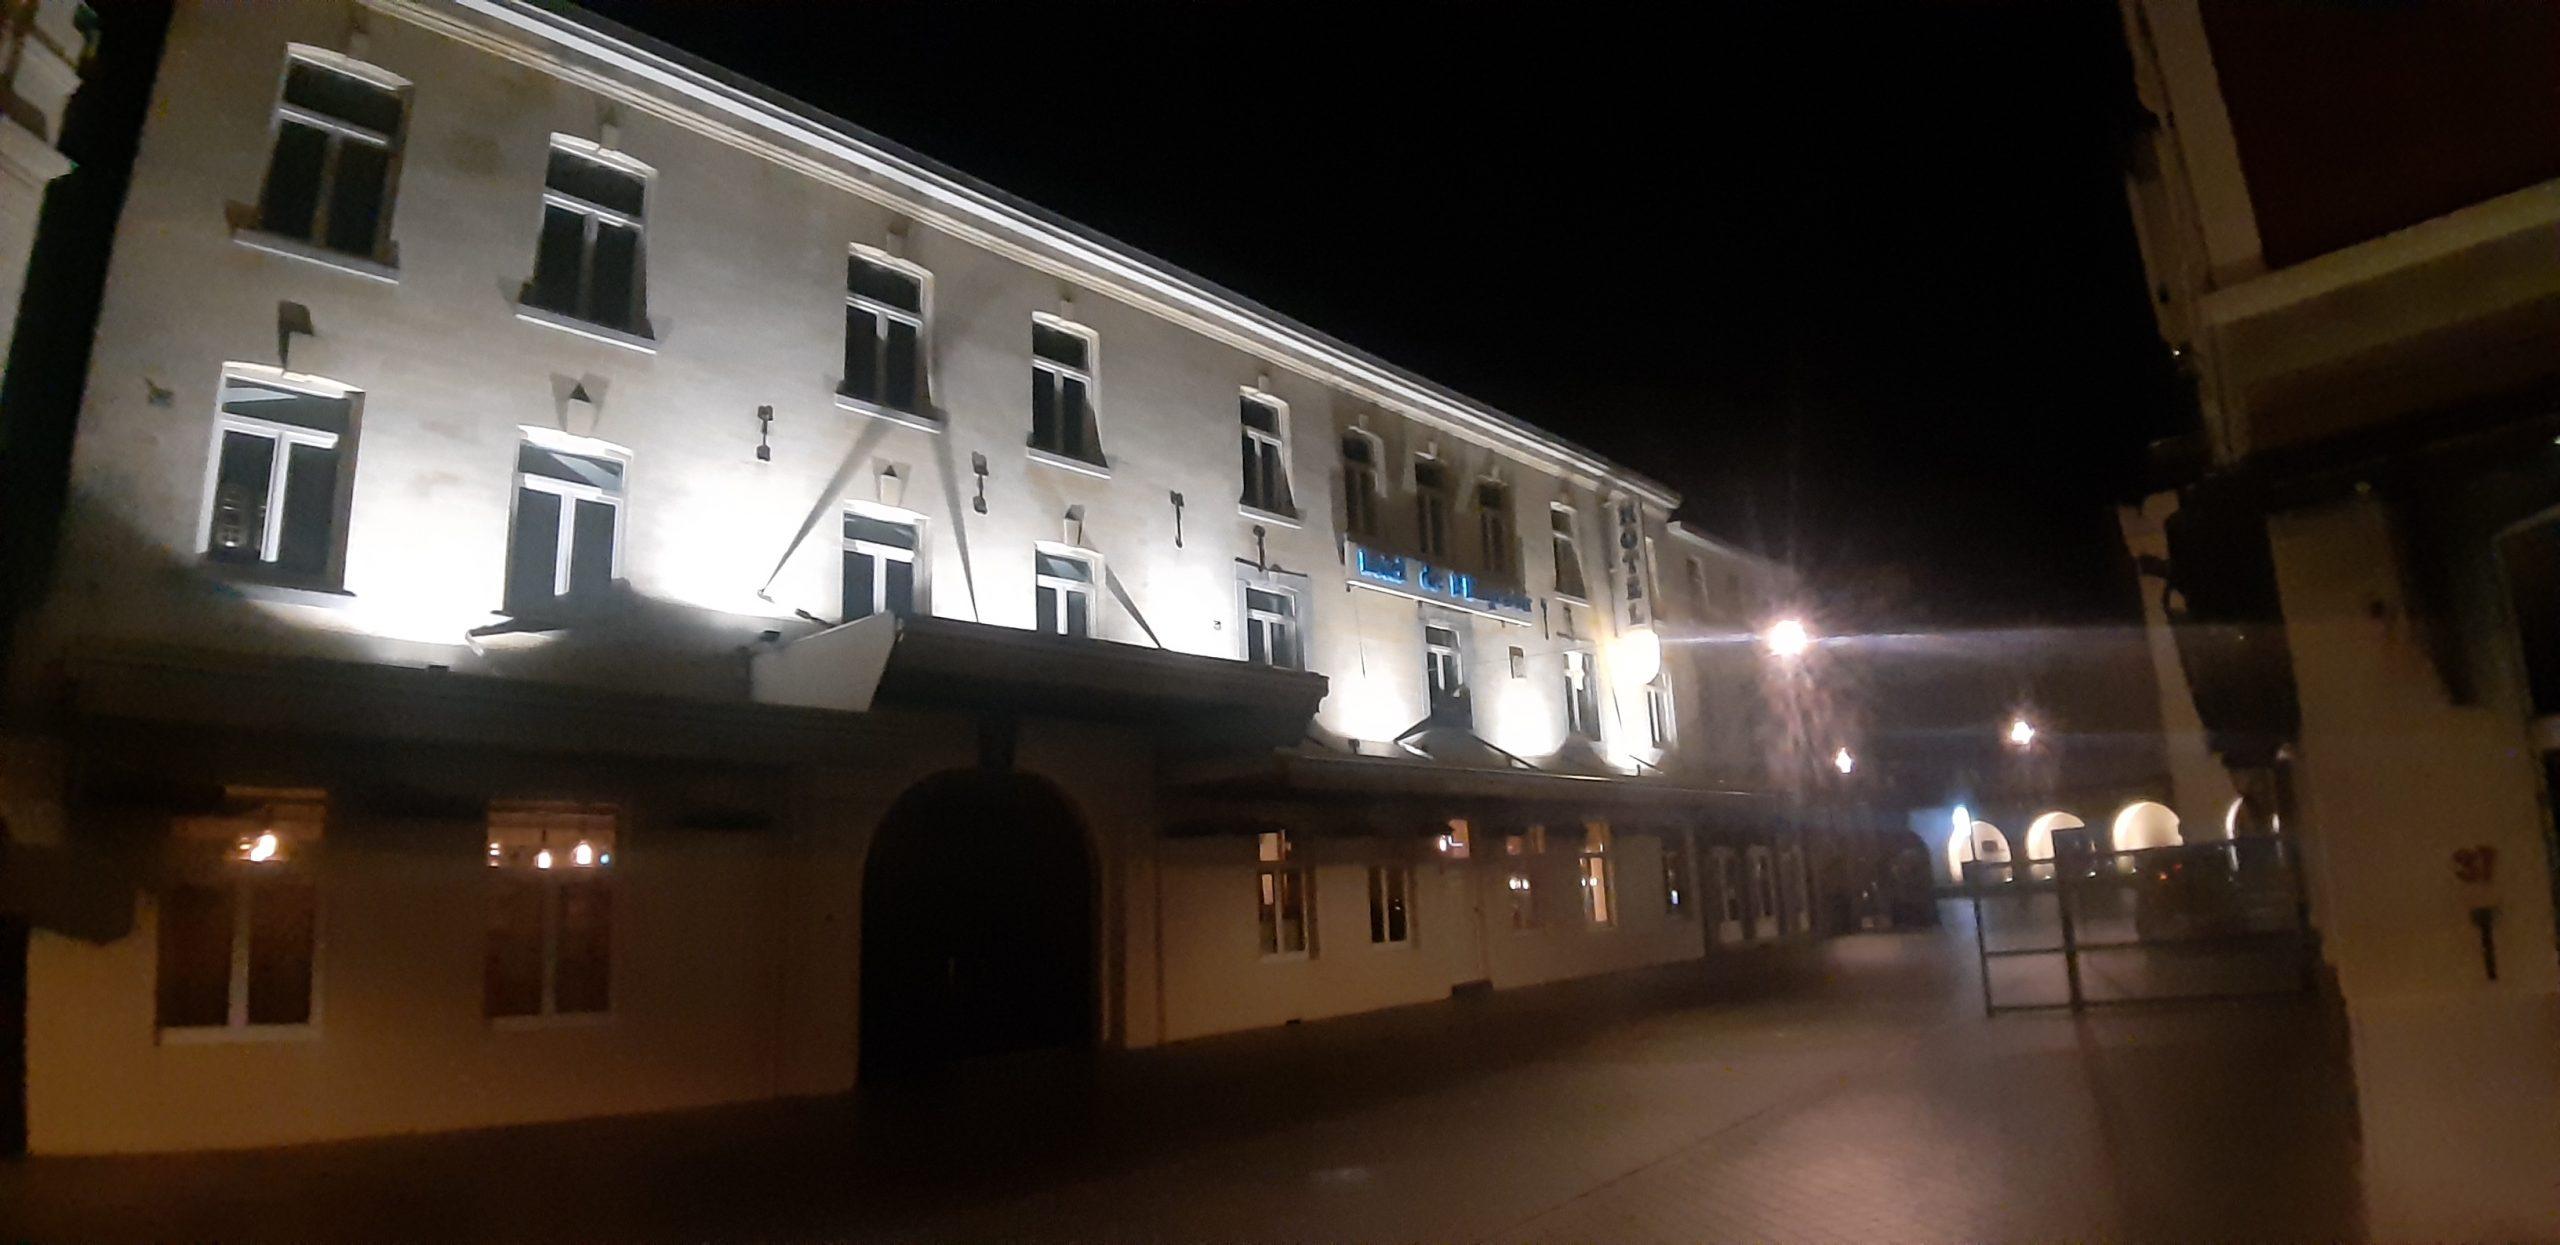 gevel verlichting bedrijf gebouw valkenburg